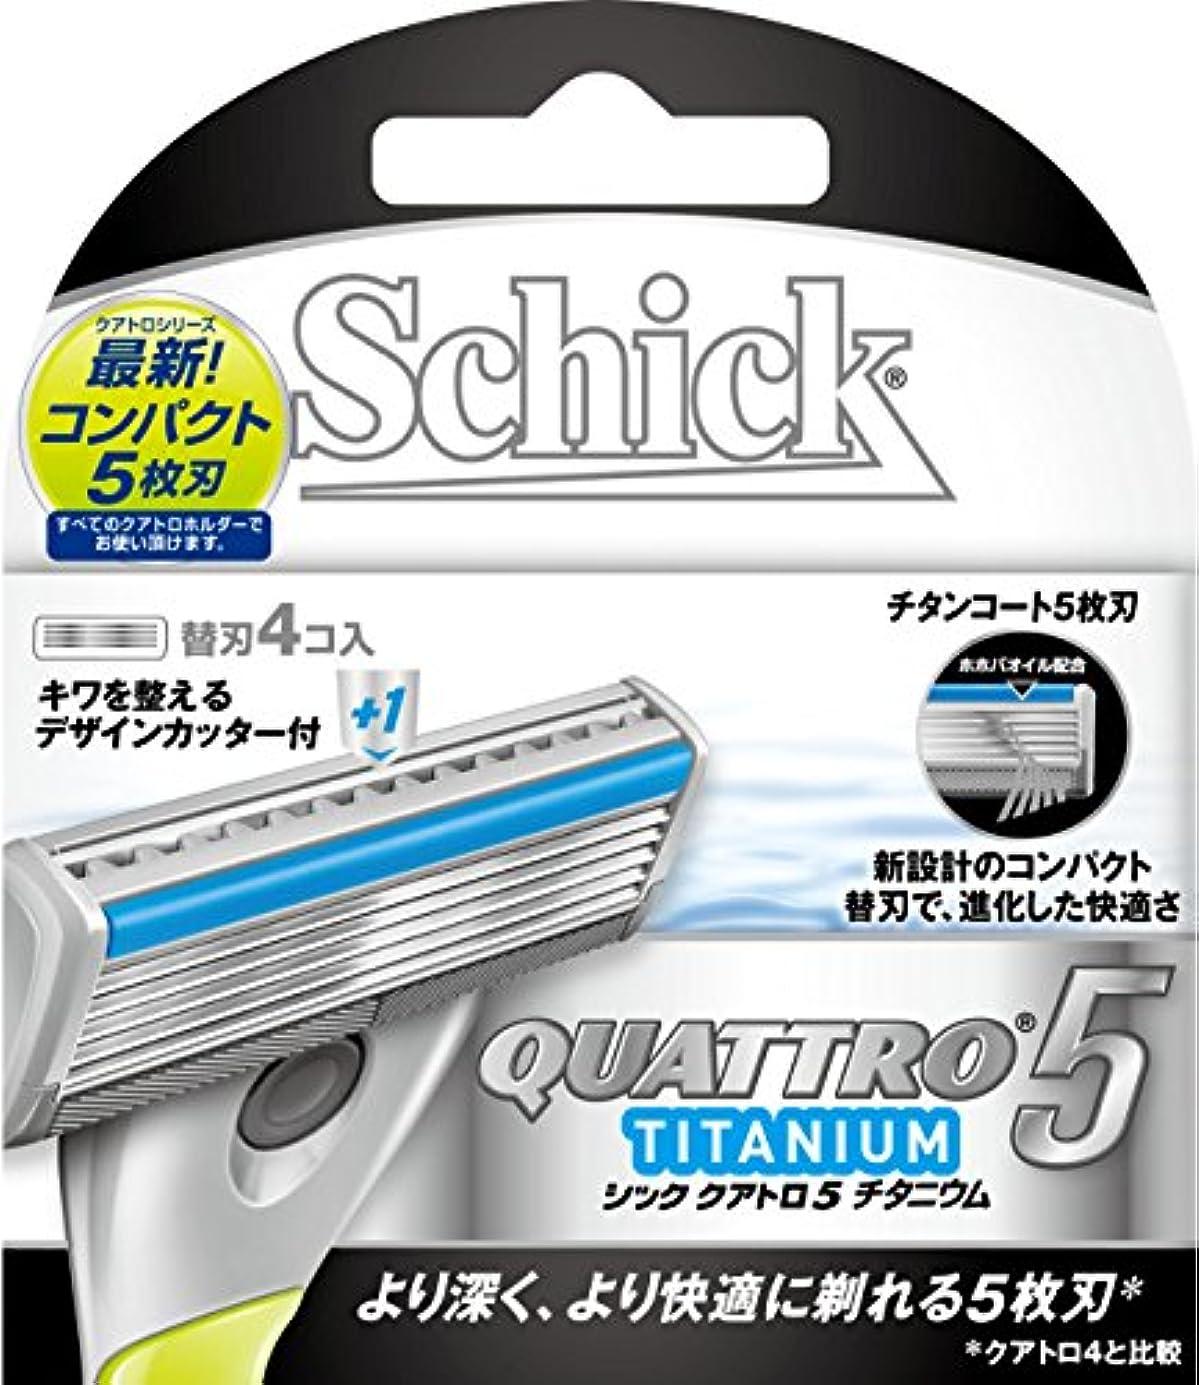 例示する内向き貴重なシック Schick クアトロ5 5枚刃 チタニウム 替刃 (4コ入)